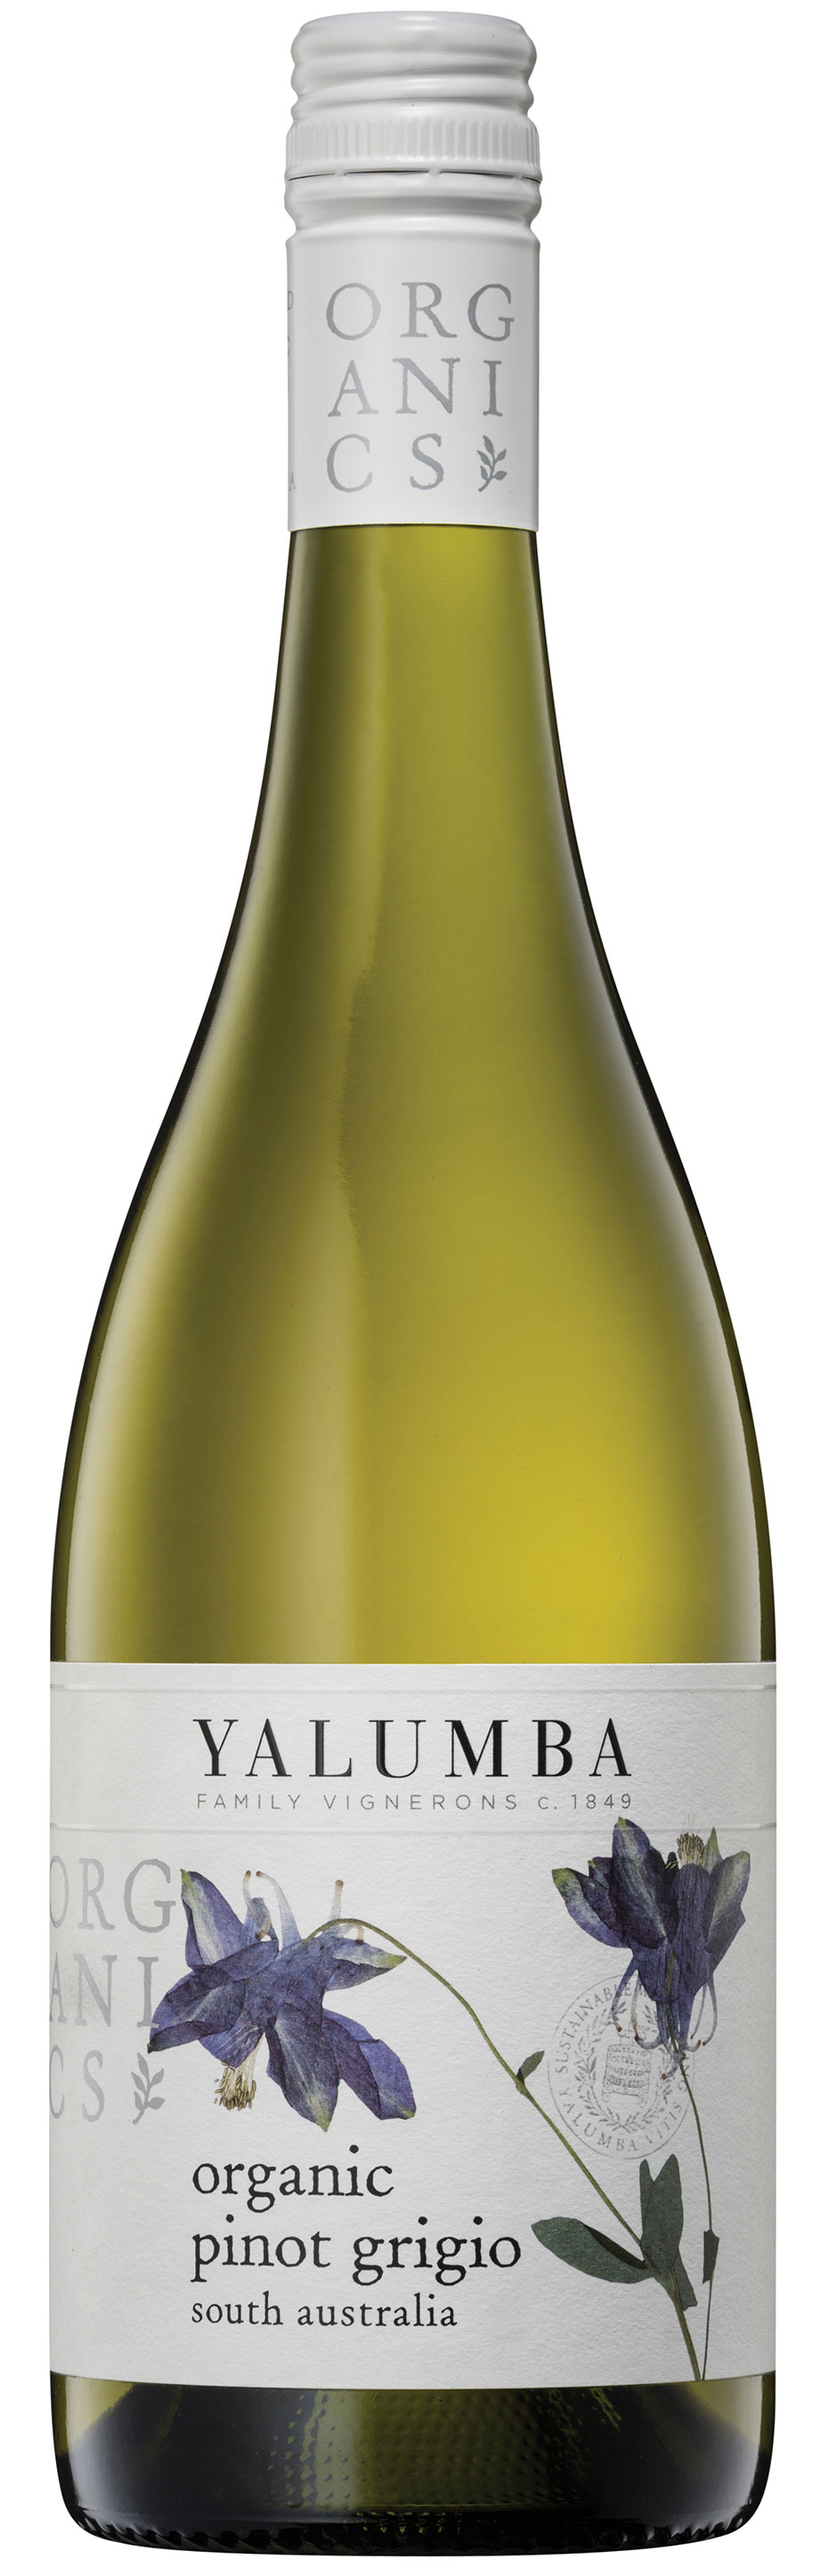 https://vinocorpperu.com/images/vinos/yalumba/organic_pinot_grigio_2018.jpg